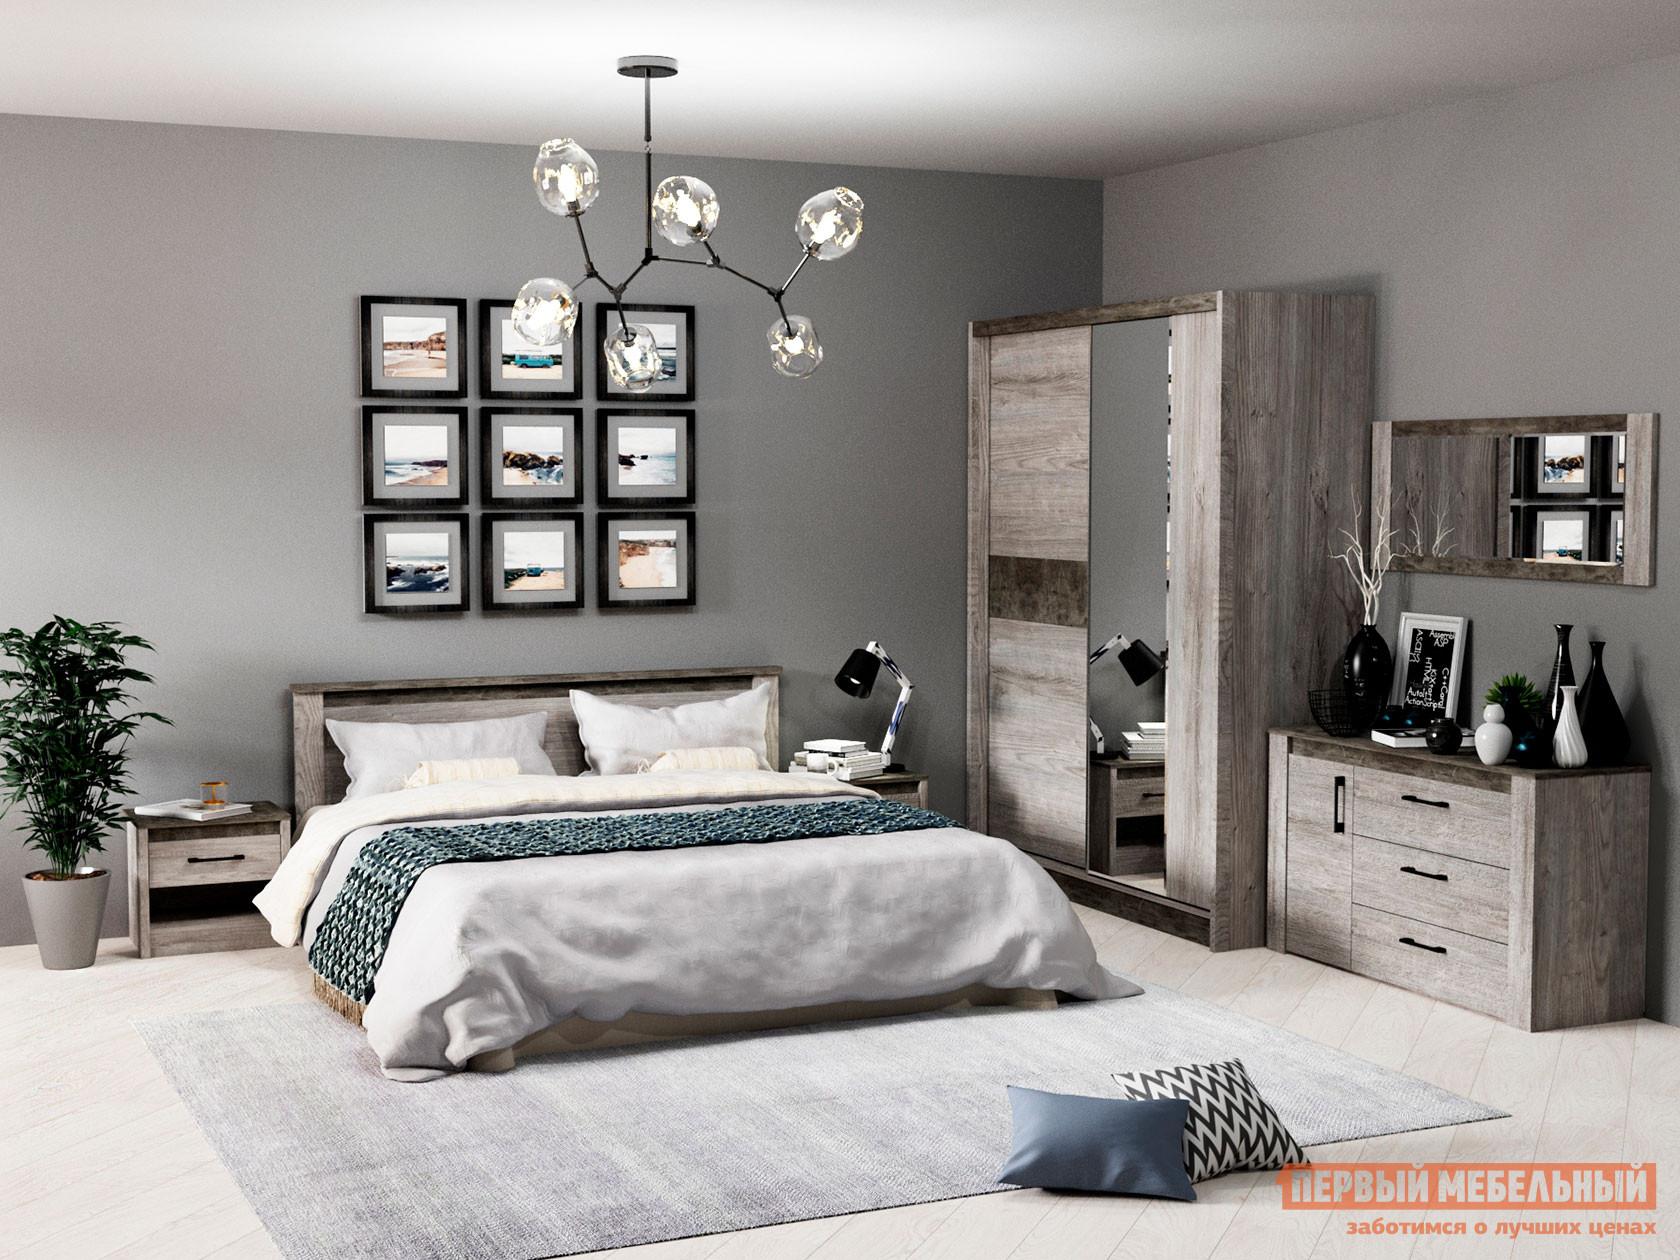 Спальный гарнитур Первый Мебельный Комплект мебели для спальни Денвер С2 спальный гарнитур нк мебель комплект мебели для спальни тиберия к2